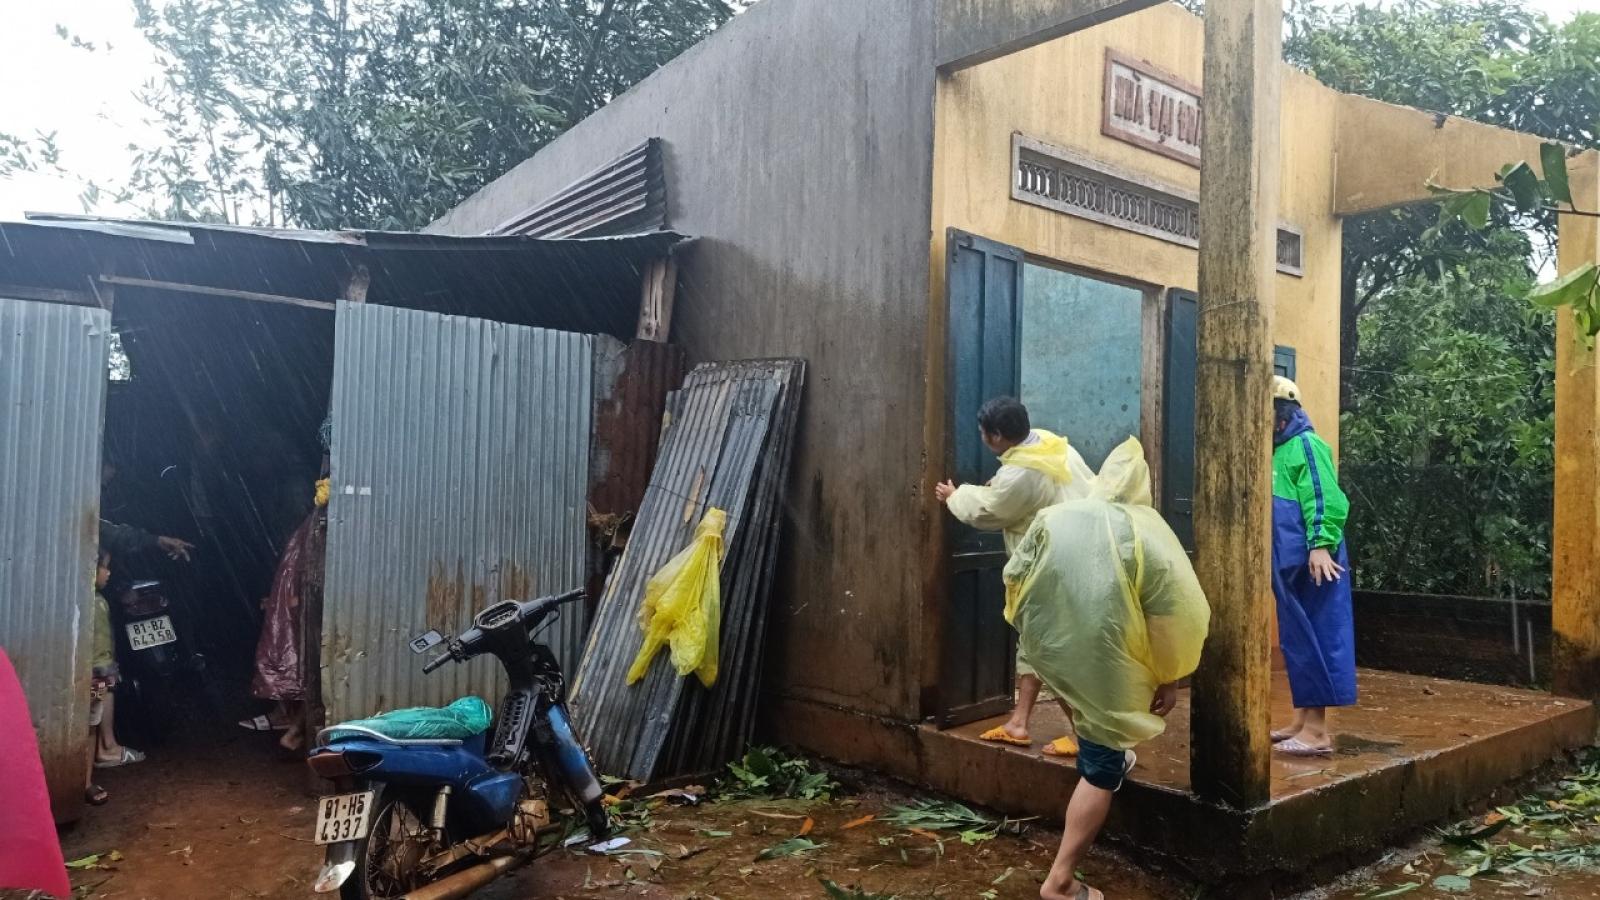 Bão số 9 ở Gia Lai làm 1 người chết, nhiều nơi bị chia cắt